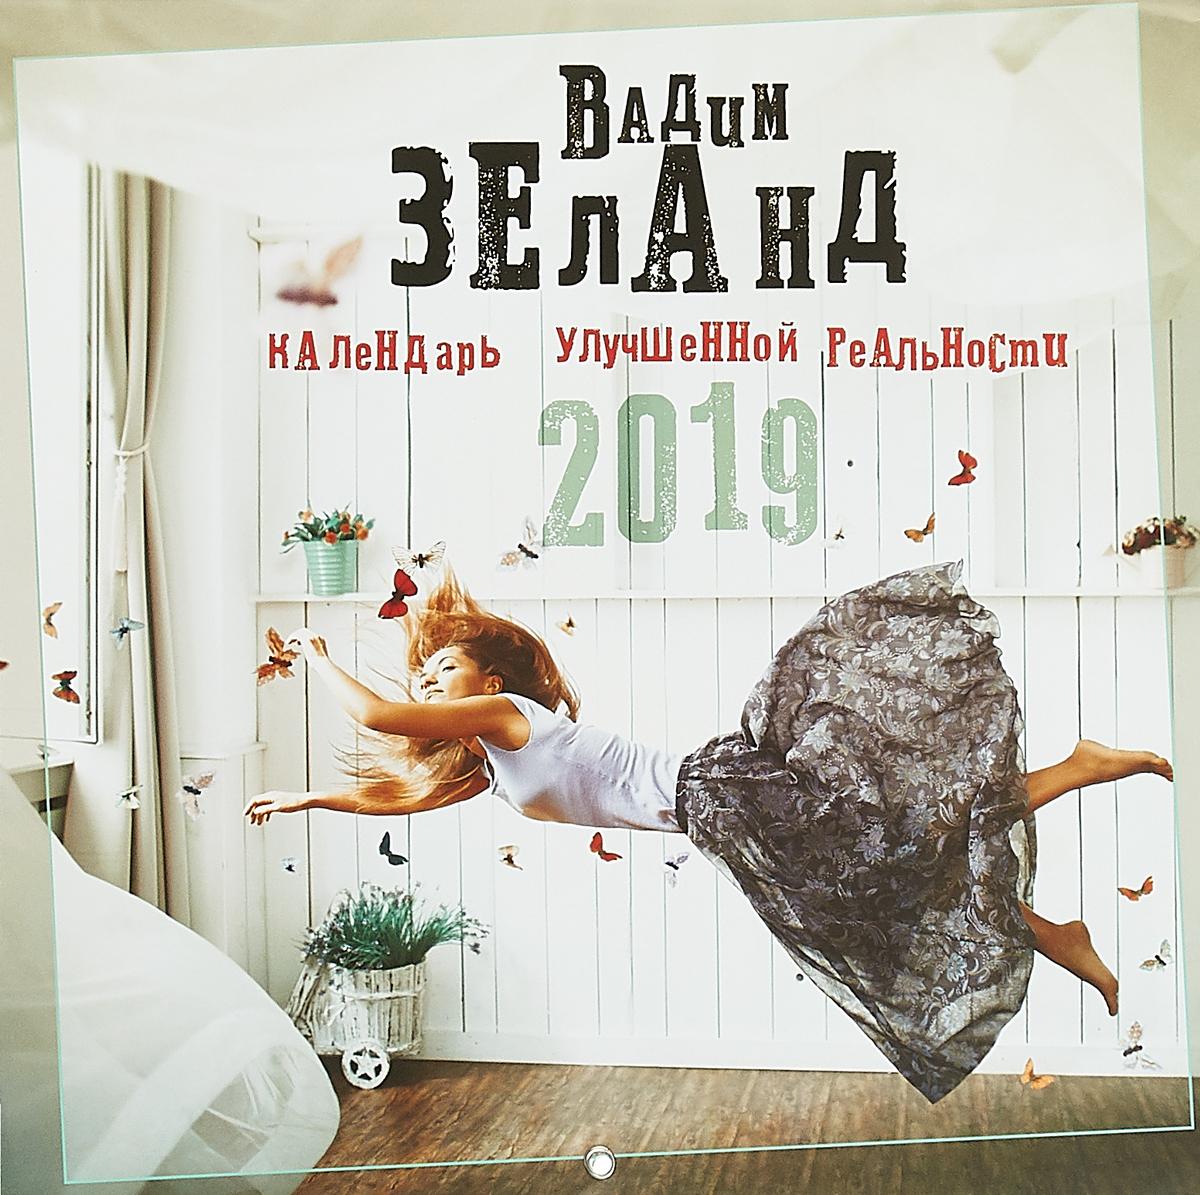 Календарь улучшенной реальности 2019